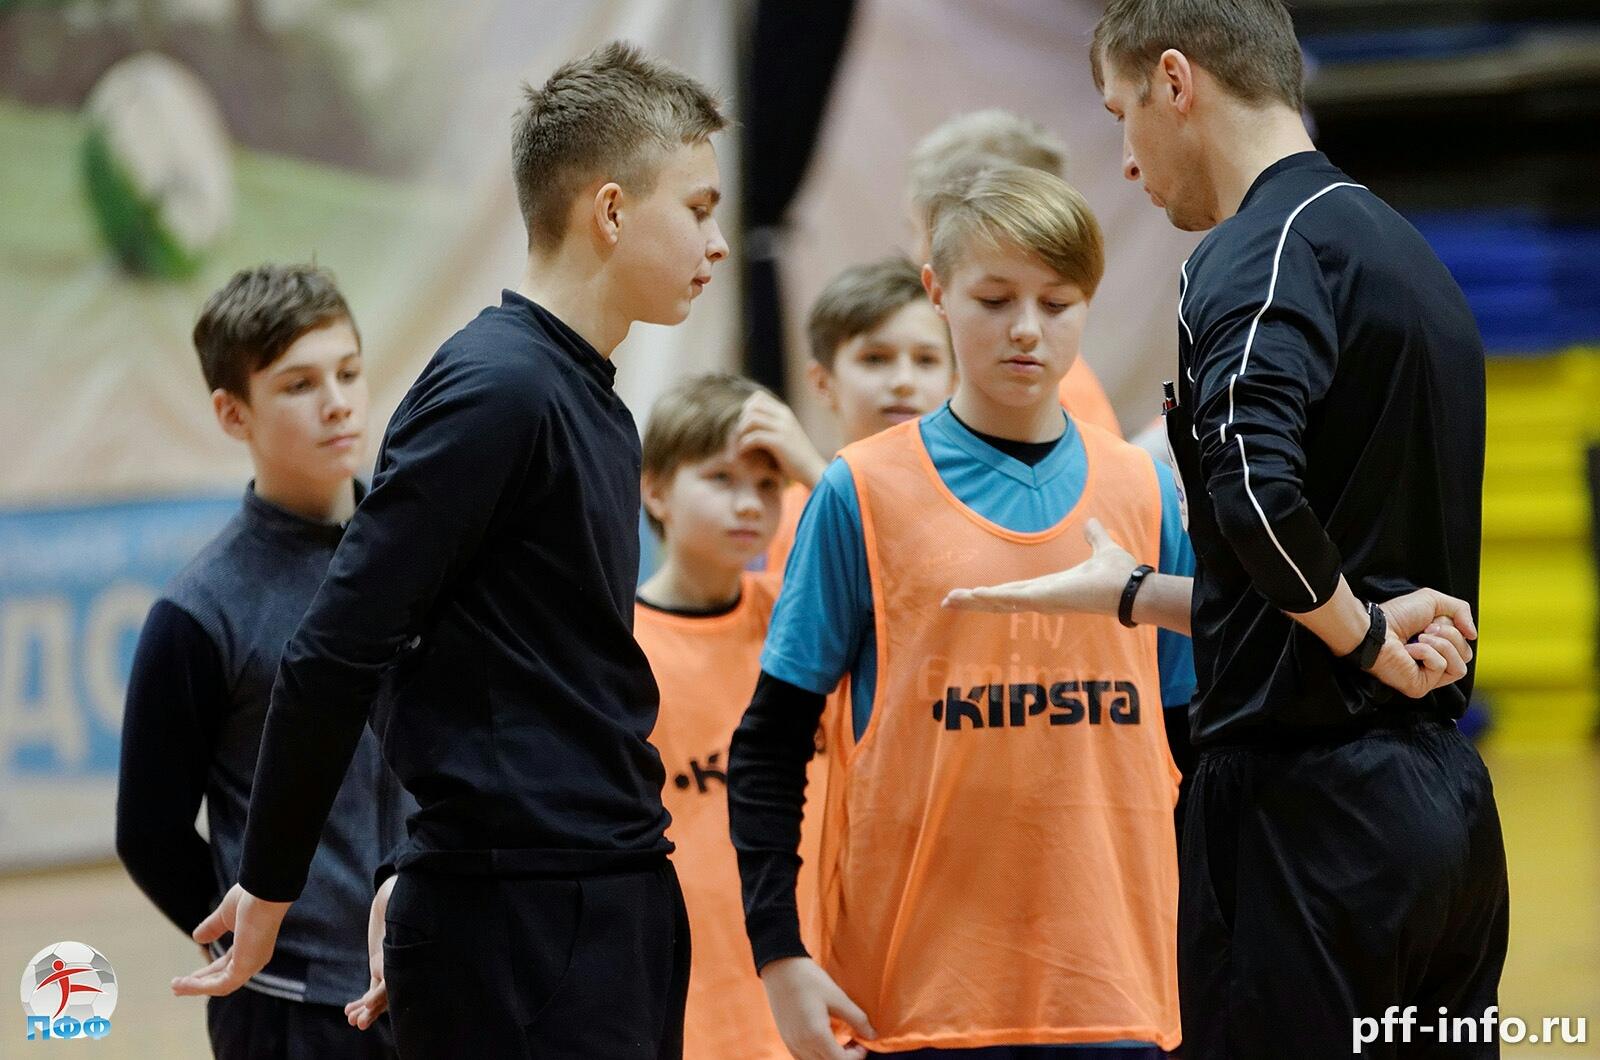 Иван Савко: «С каждой игрой у нас появлялось больше сил и уверенности в себе»